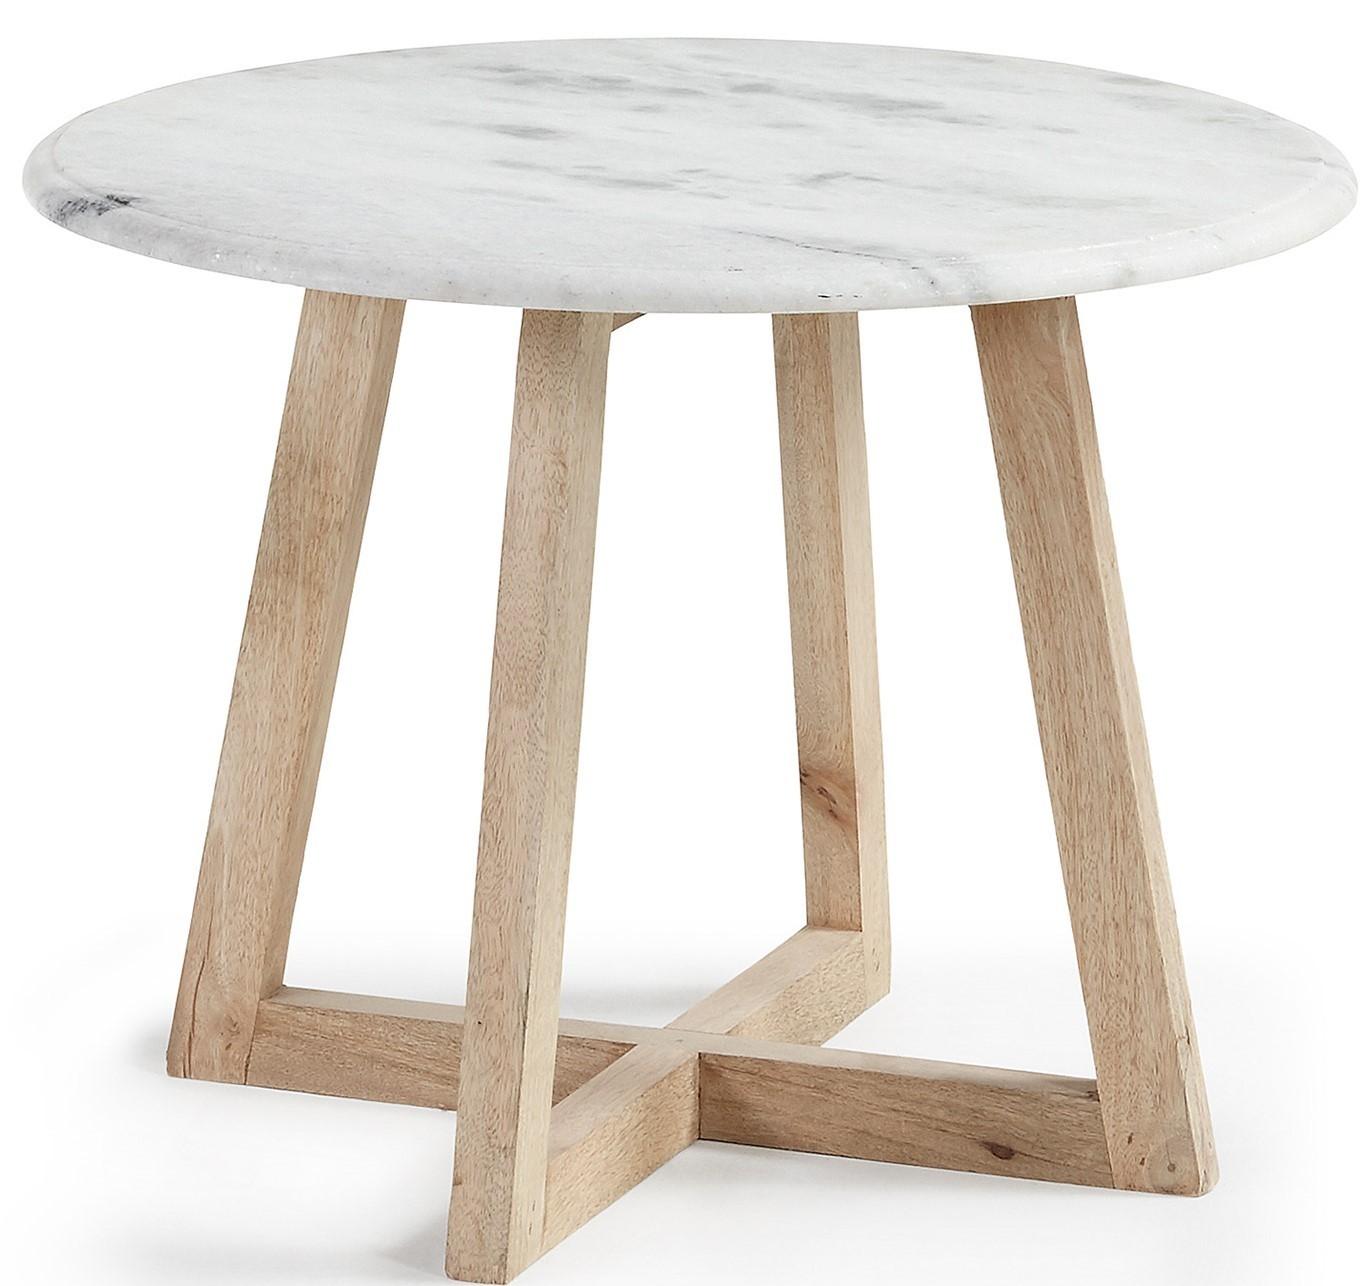 Cucine con tavolo rotondo tavoli a scomparsa per cucina catalogo mobili cucine ed arredi - Tavolo rotondo bianco ikea ...